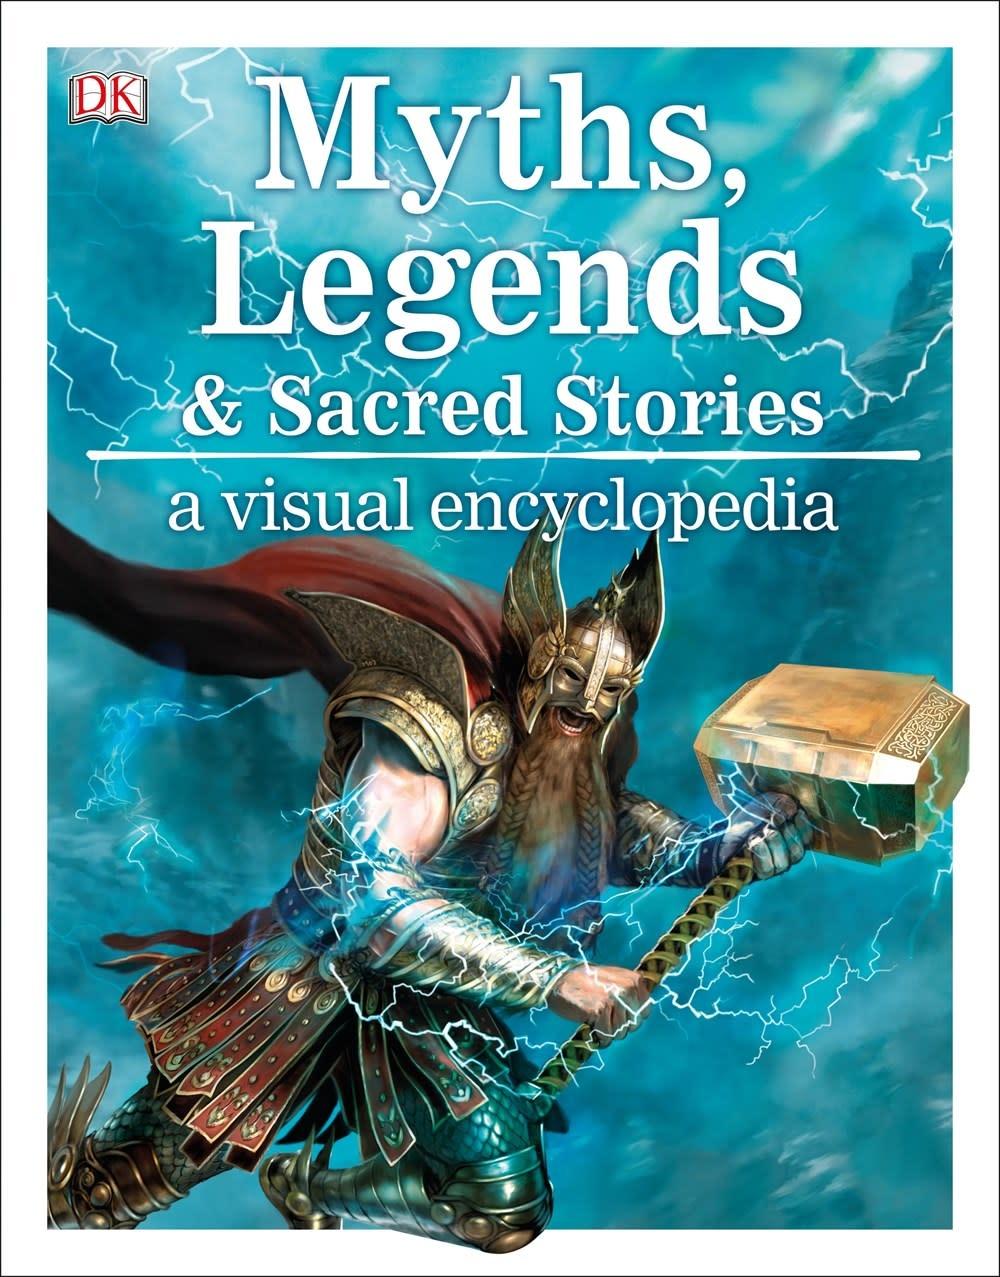 DK Children DK Myths, Legends & Sacred Stories: A Visual Encyclopedia